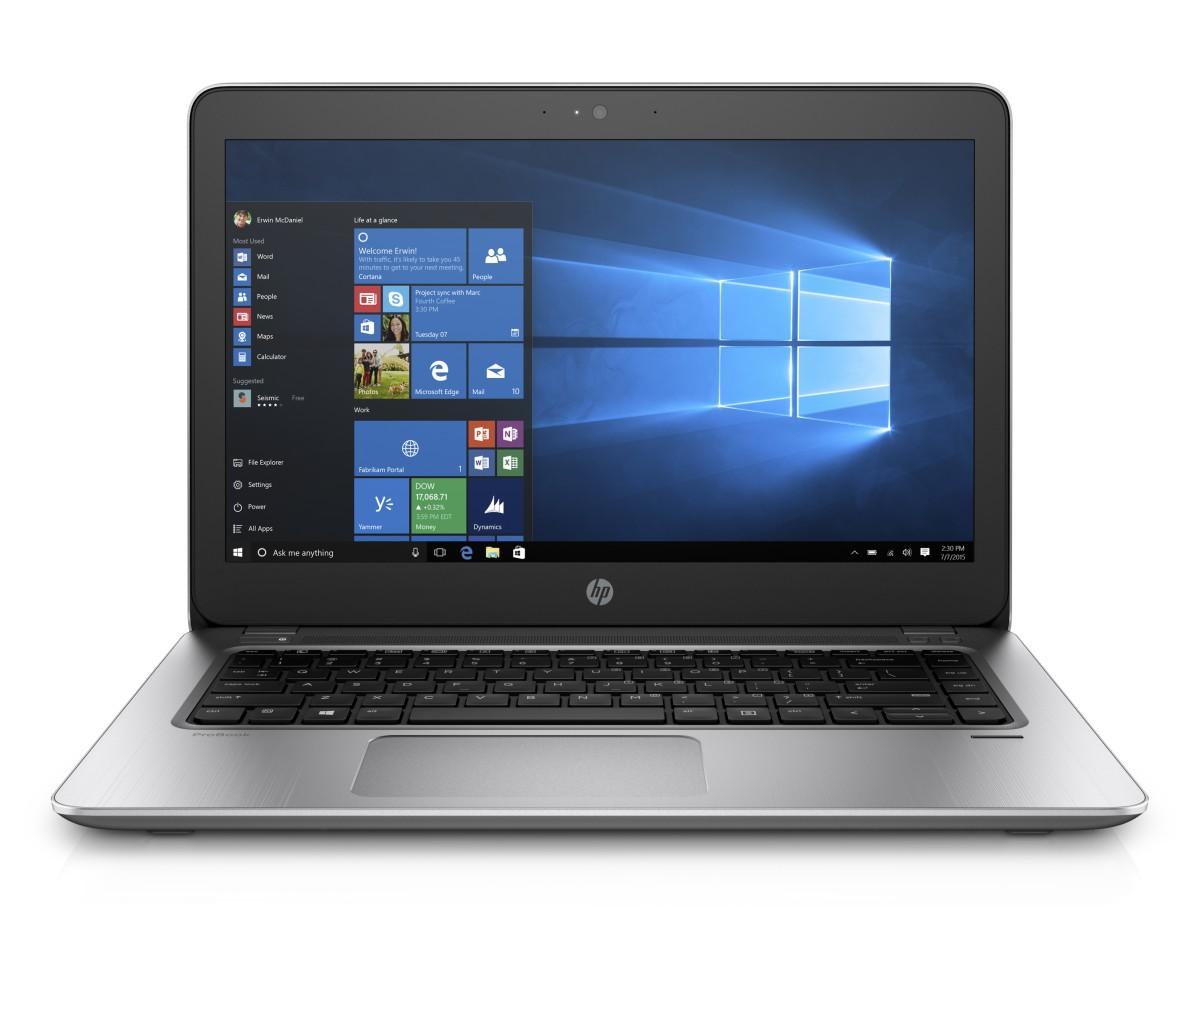 HP ProBook 440 G4 i5-7200U/8GB/128GB+1TB/14'' FHD/GF930MX/2G/Win 10